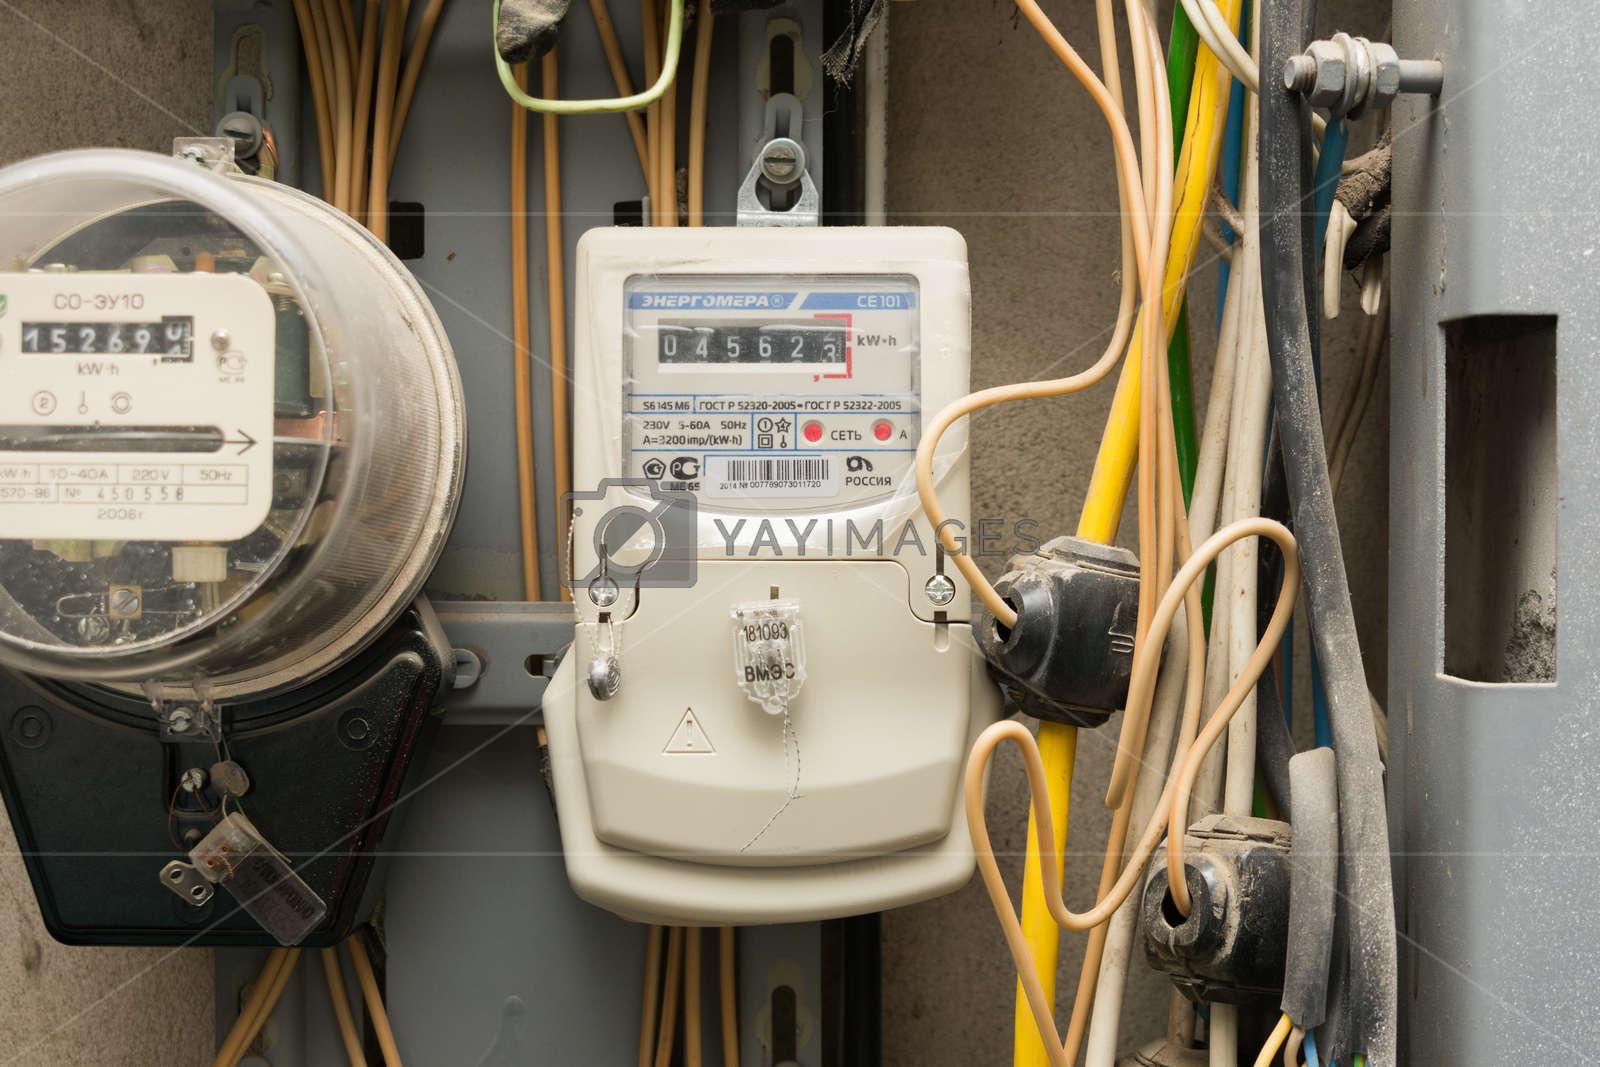 Украинцев могут оштрафовать при замене электросчетчика: за что